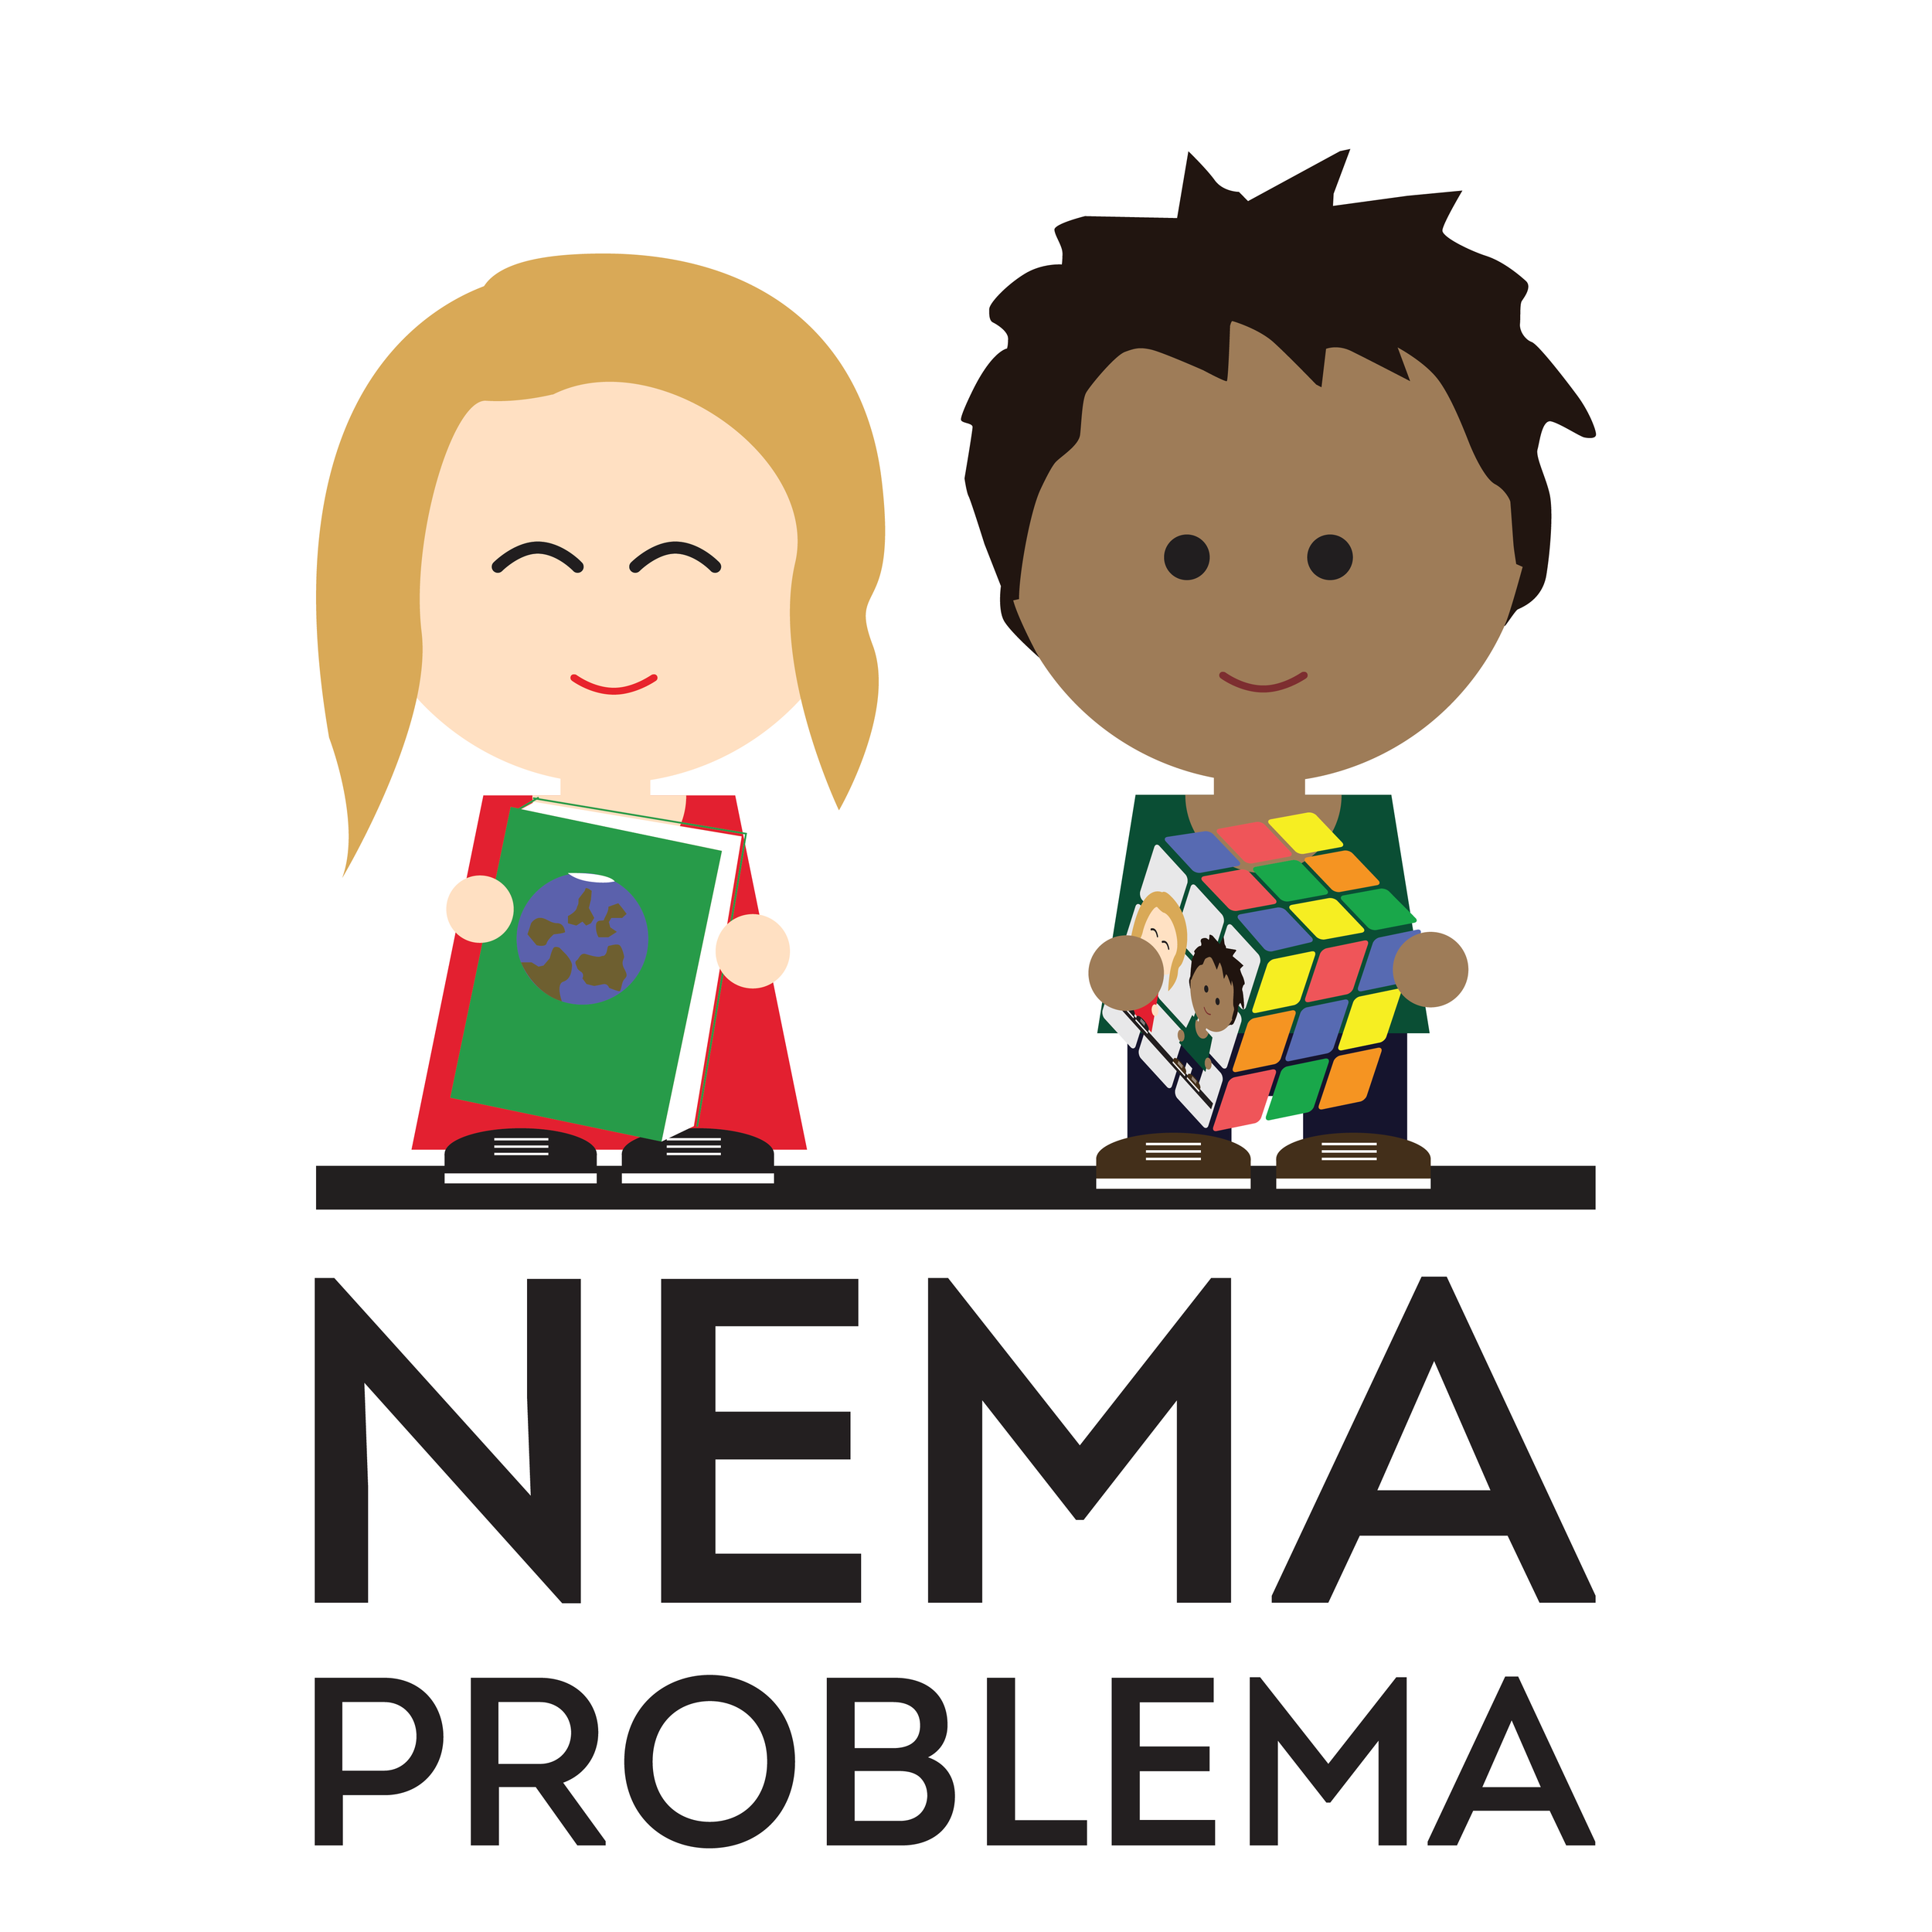 Nema_problema_kvadrat-03[1].png